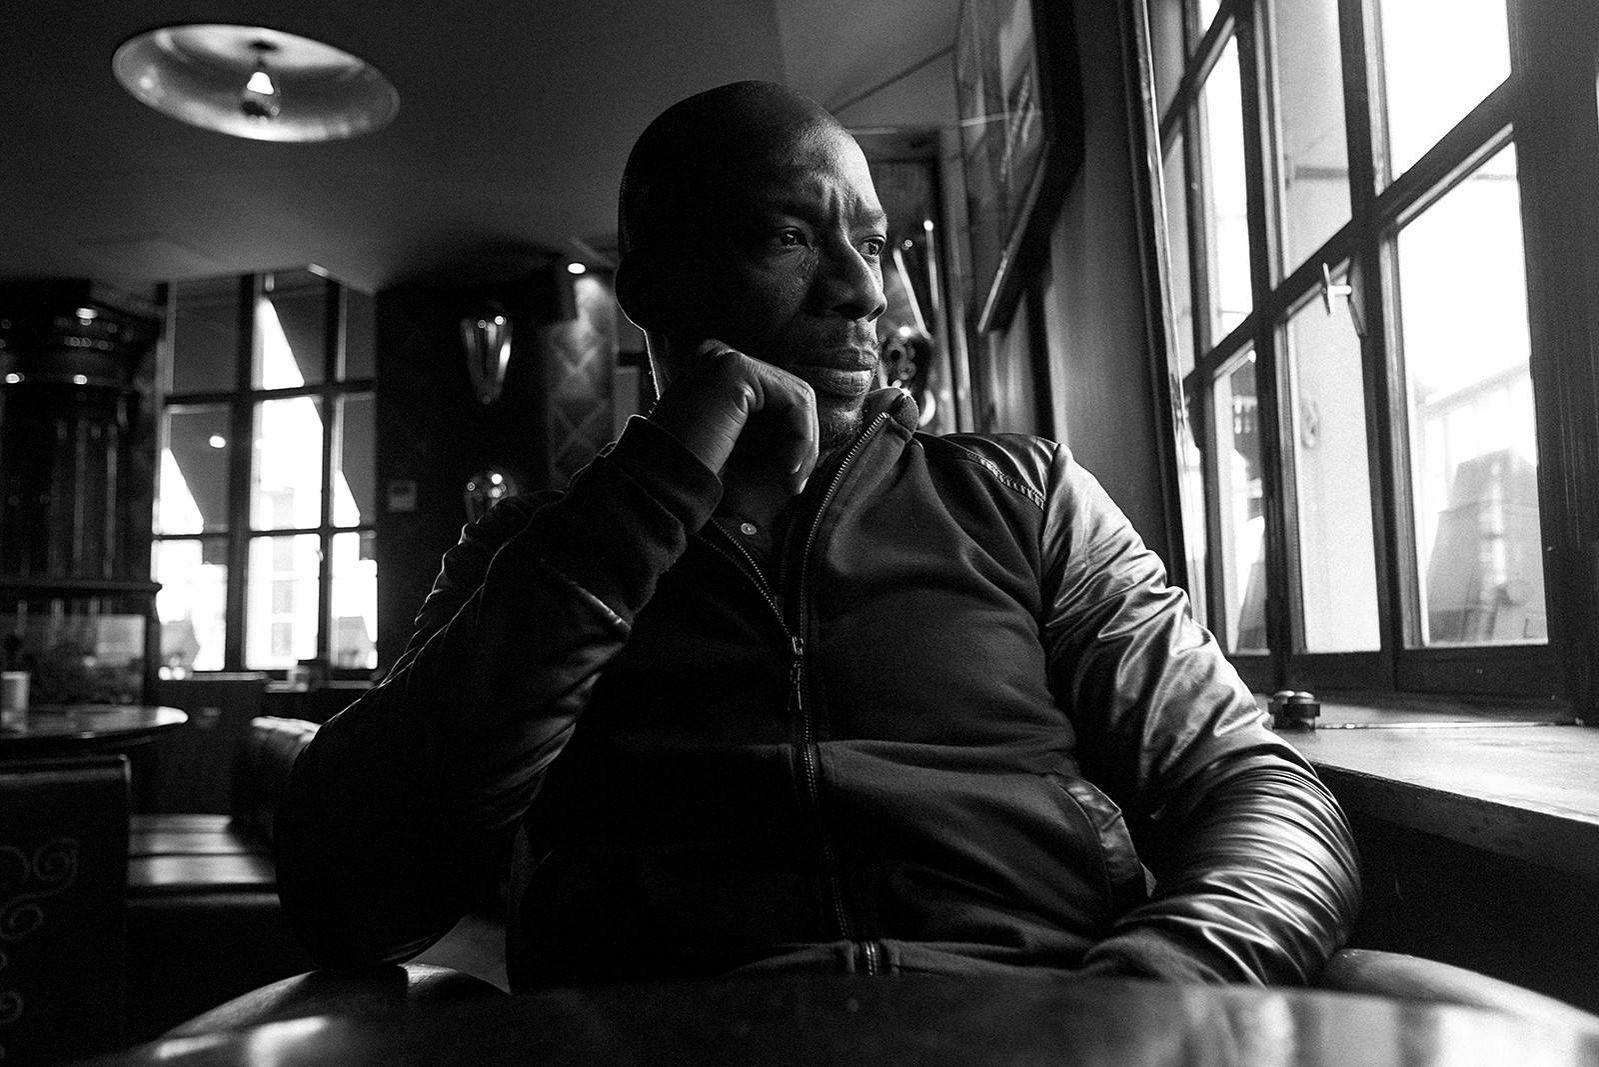 portrait doudoumasta rappeur david delaplace 1 - Les visages du rap français se mettent à nu sous l'objectif de David Delaplace